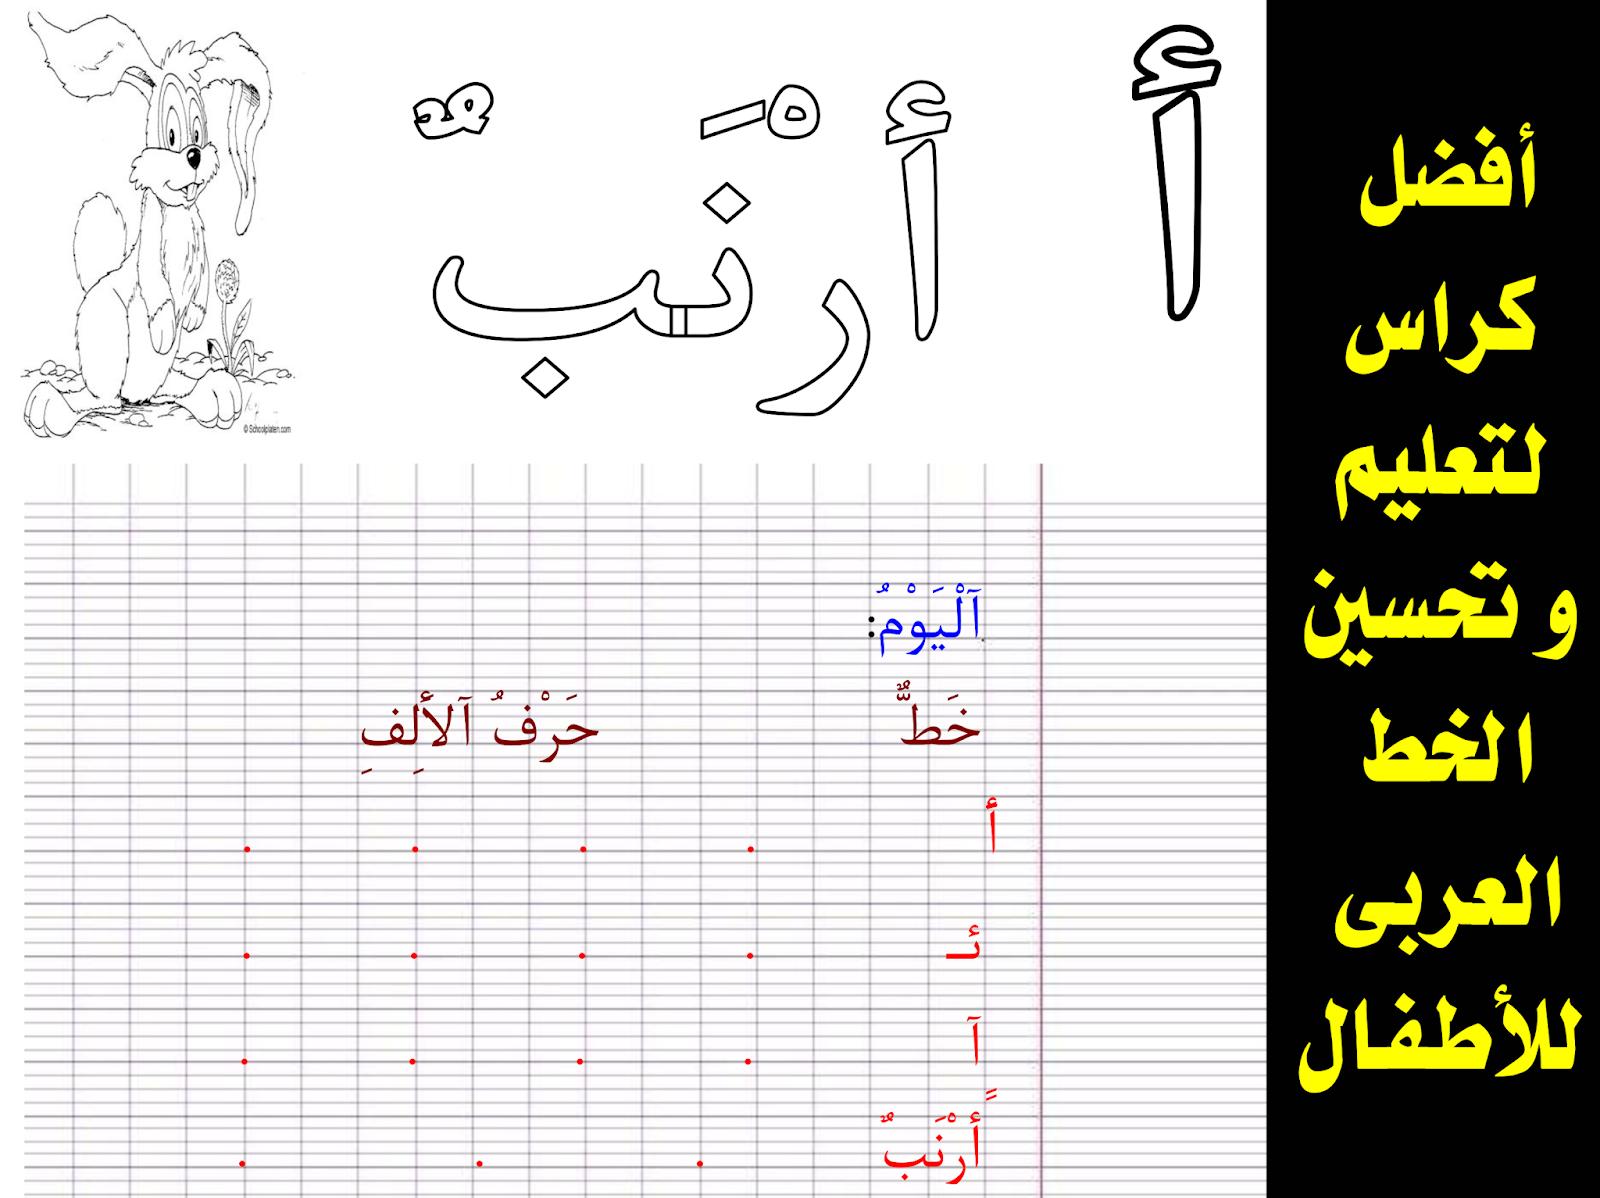 كراس تعليم و تحسين خط الأطفال Pdf الخط العربى و الخطاطين